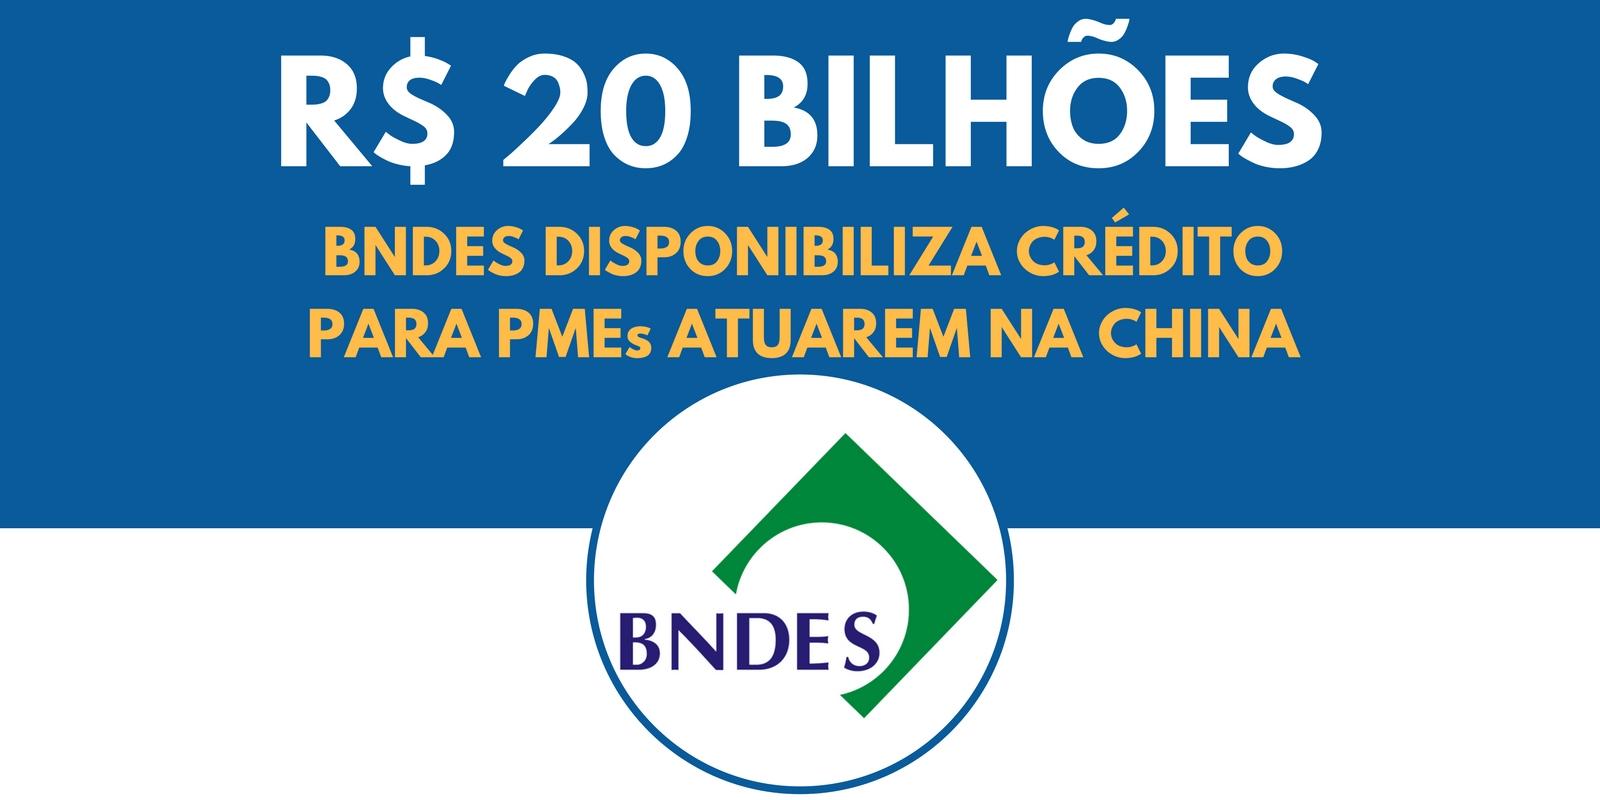 BNDES crédito para China